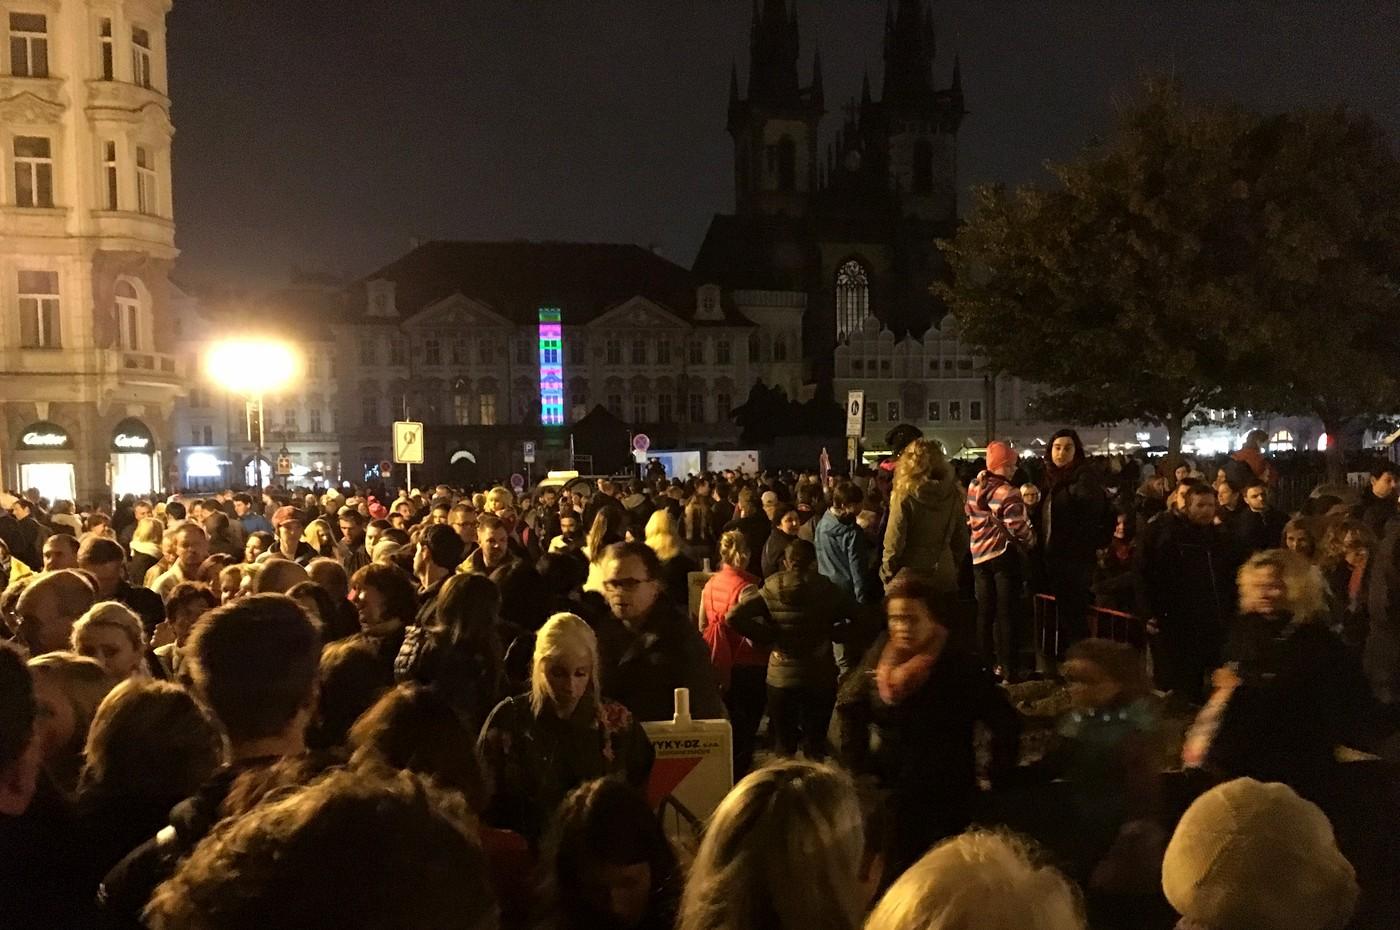 Davy lidí na Staroměstském náměstí